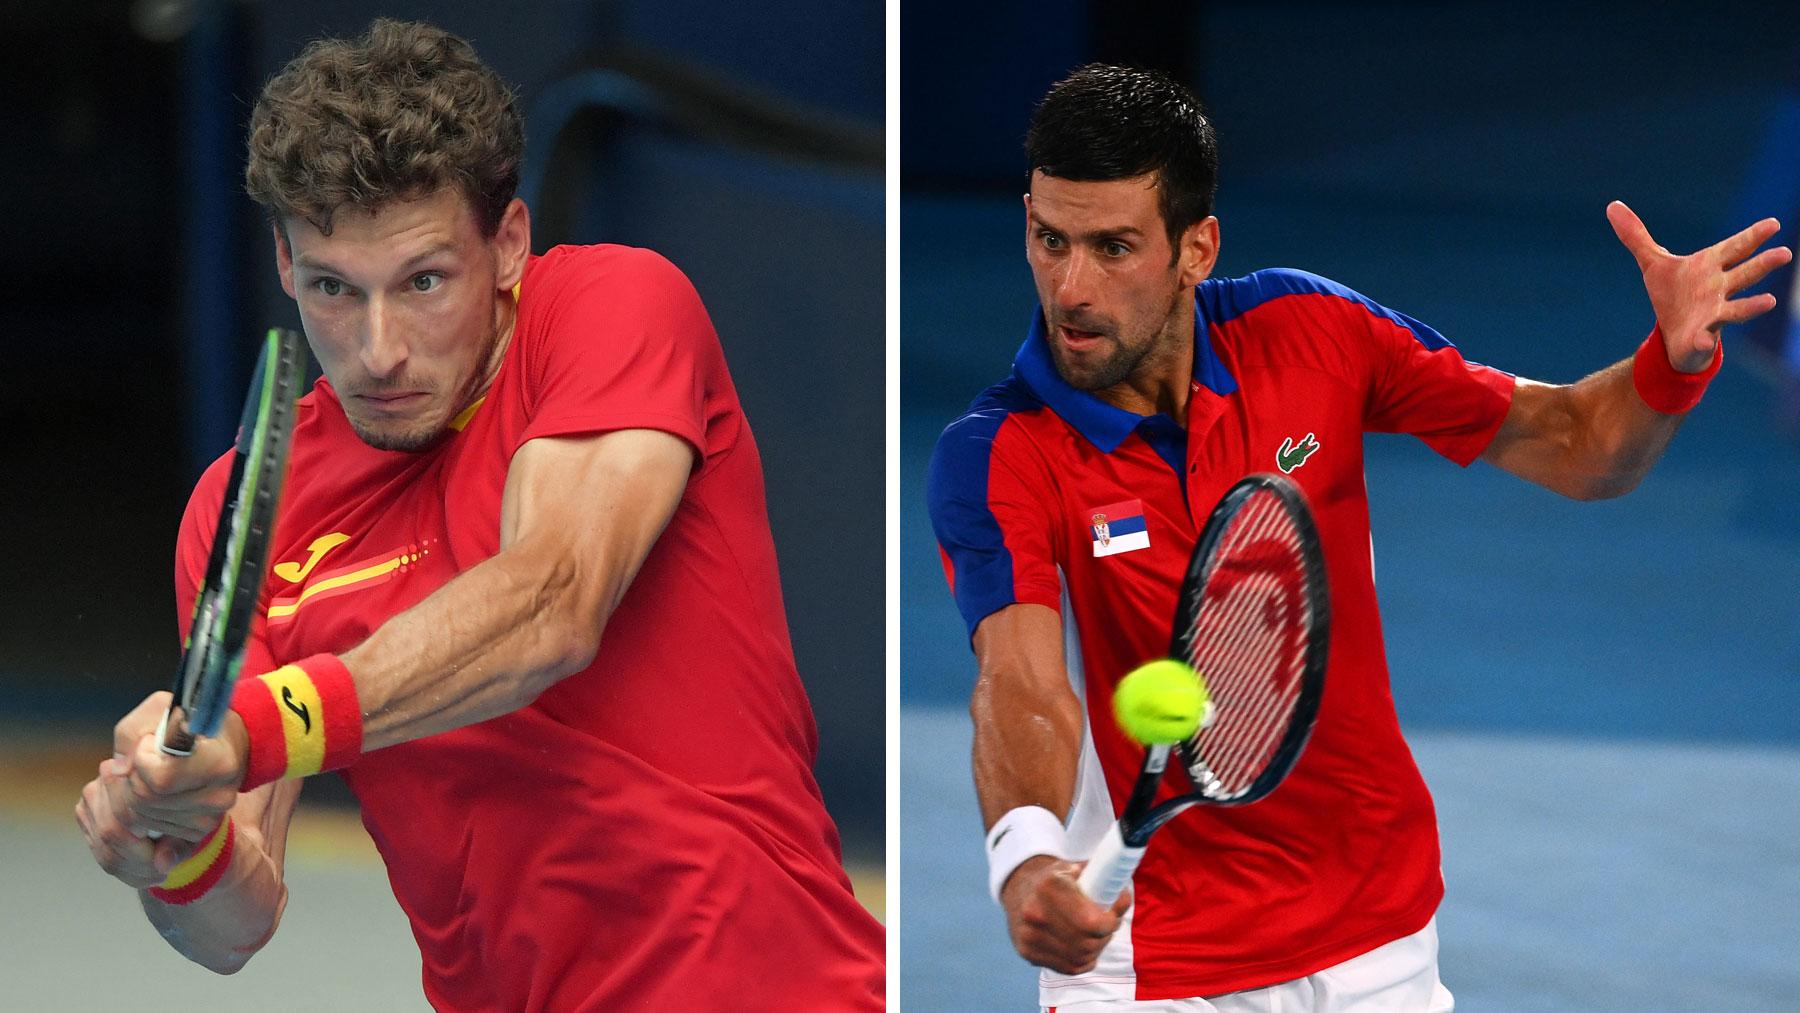 El español Pablo Carreño y el serbio Novak Djokovic lucharán por la medalla de bronce en Tokio 2020